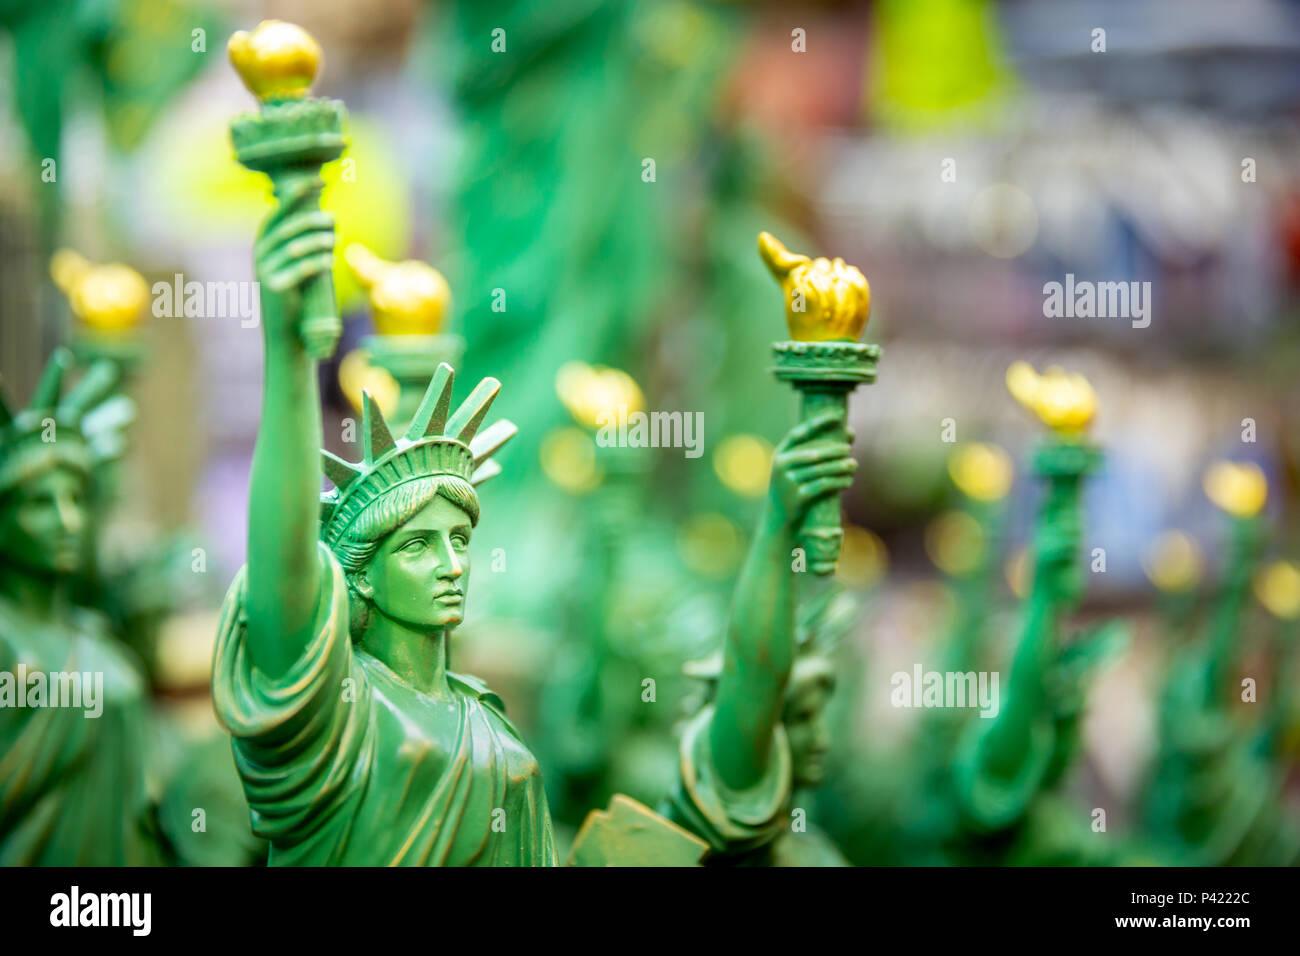 Zeile mit generischen Freiheitsstatue Statuen (selektive Fokus) als Souvenirs in einem NYC Shop verkauft. Stockbild